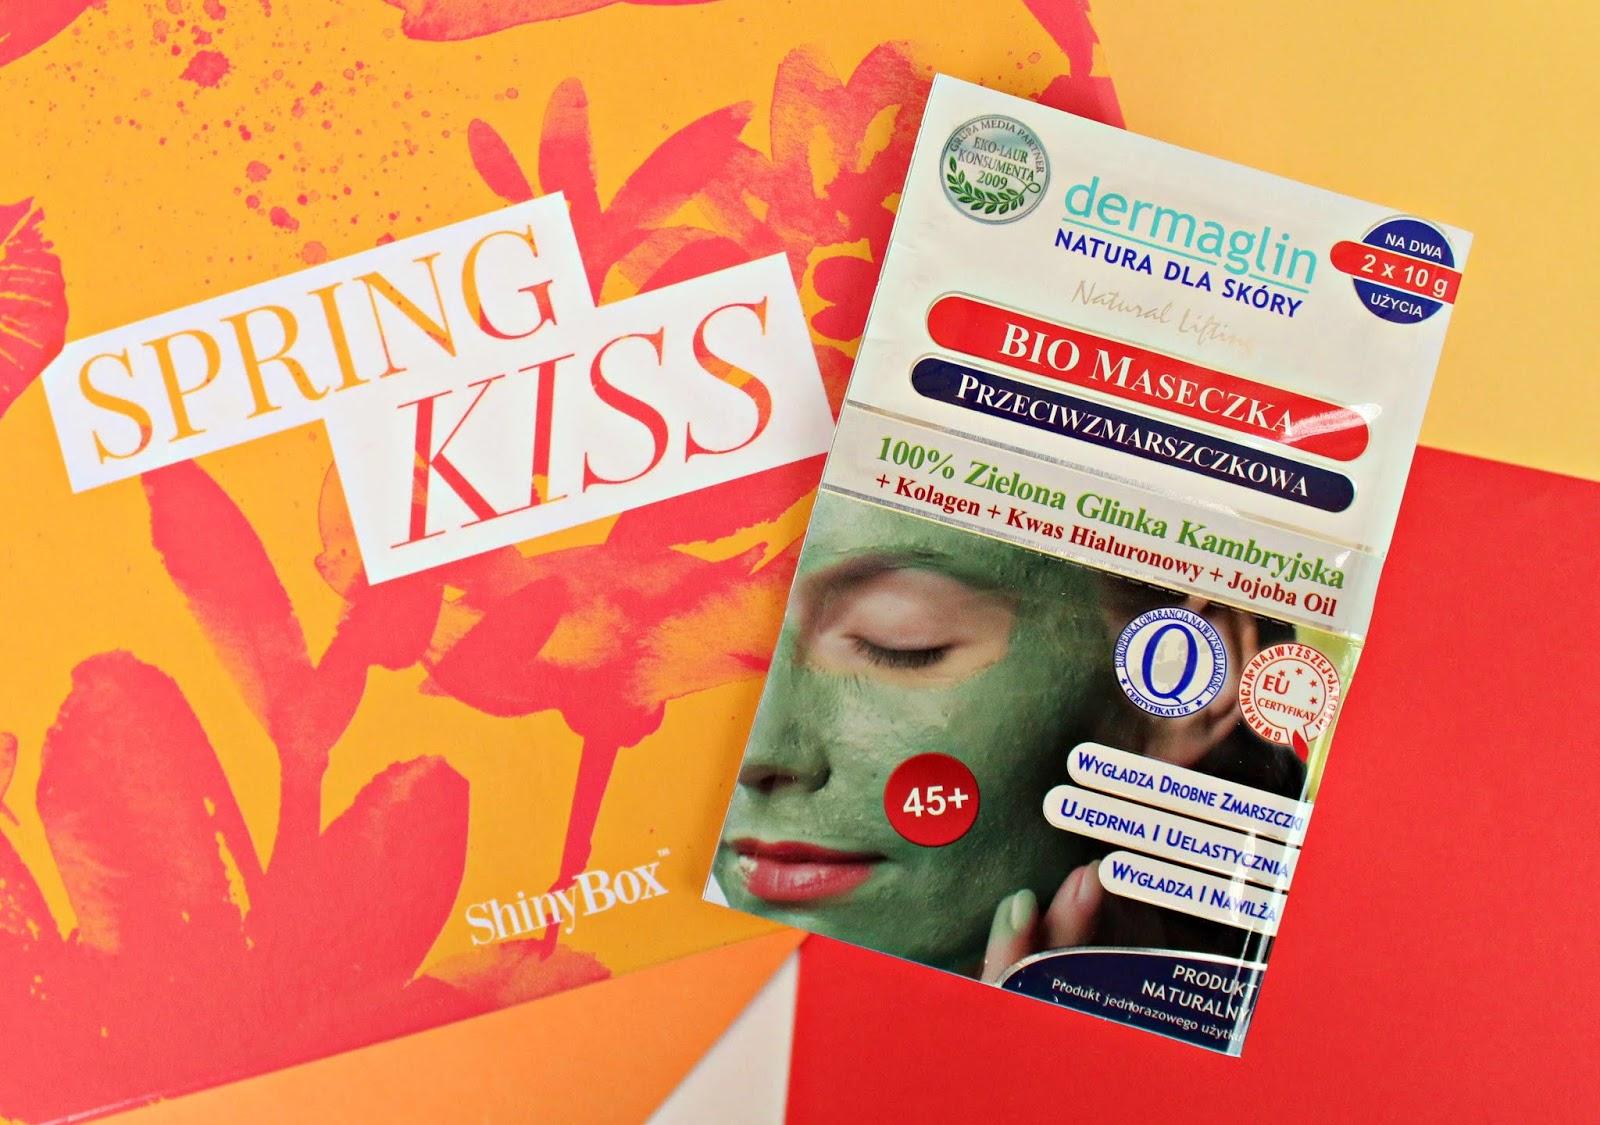 DERMAGLIN - maseczka do twarzy z zieloną glinką kambryjską